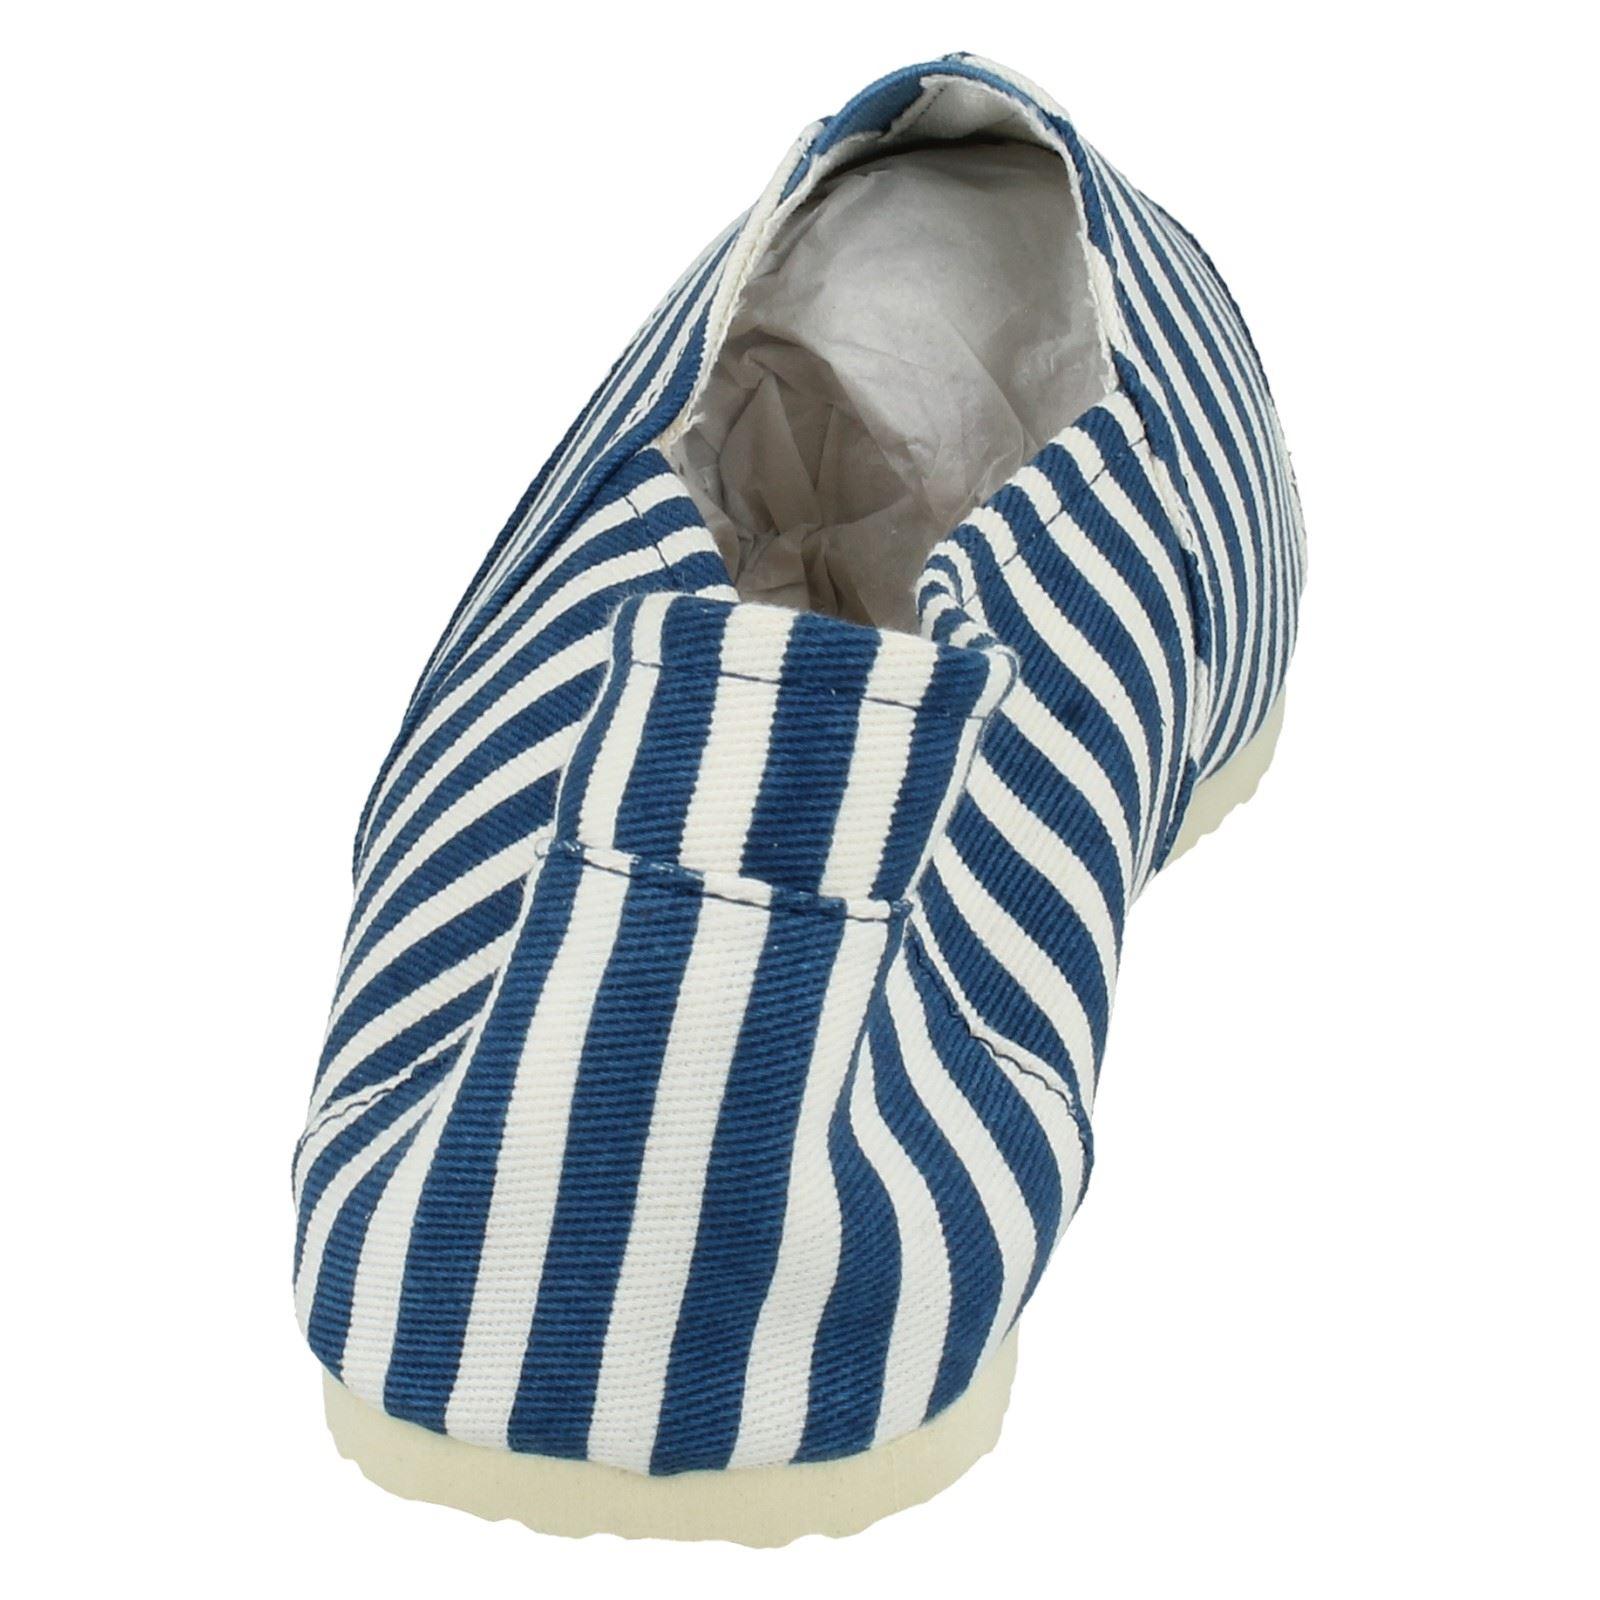 Para Hombre Zapato Antideslizante En Lona Plana Etiqueta-A1079